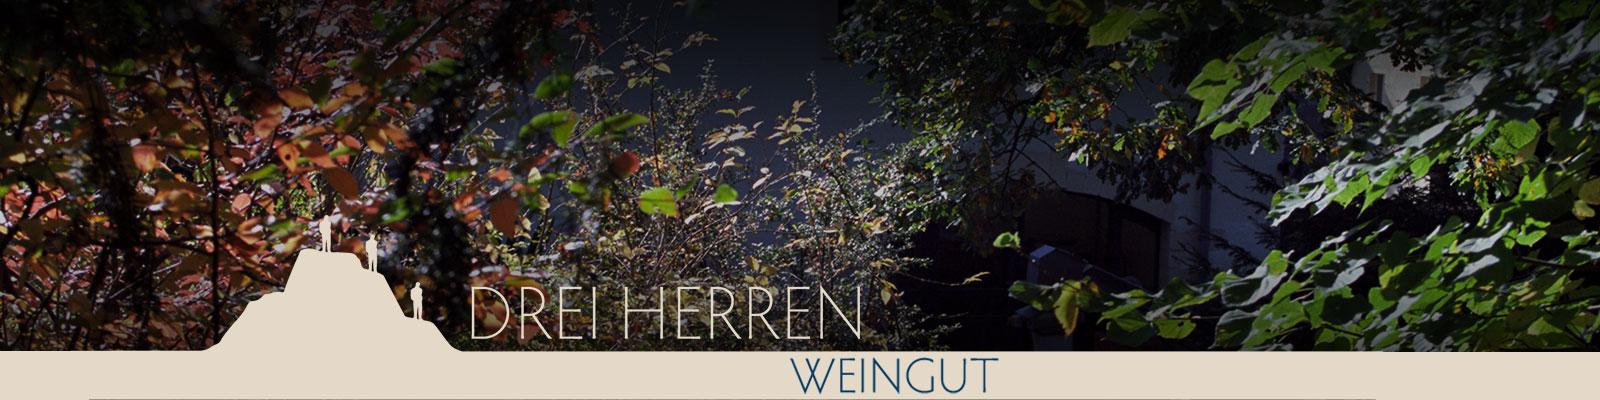 Header01_Weingut_1600x400